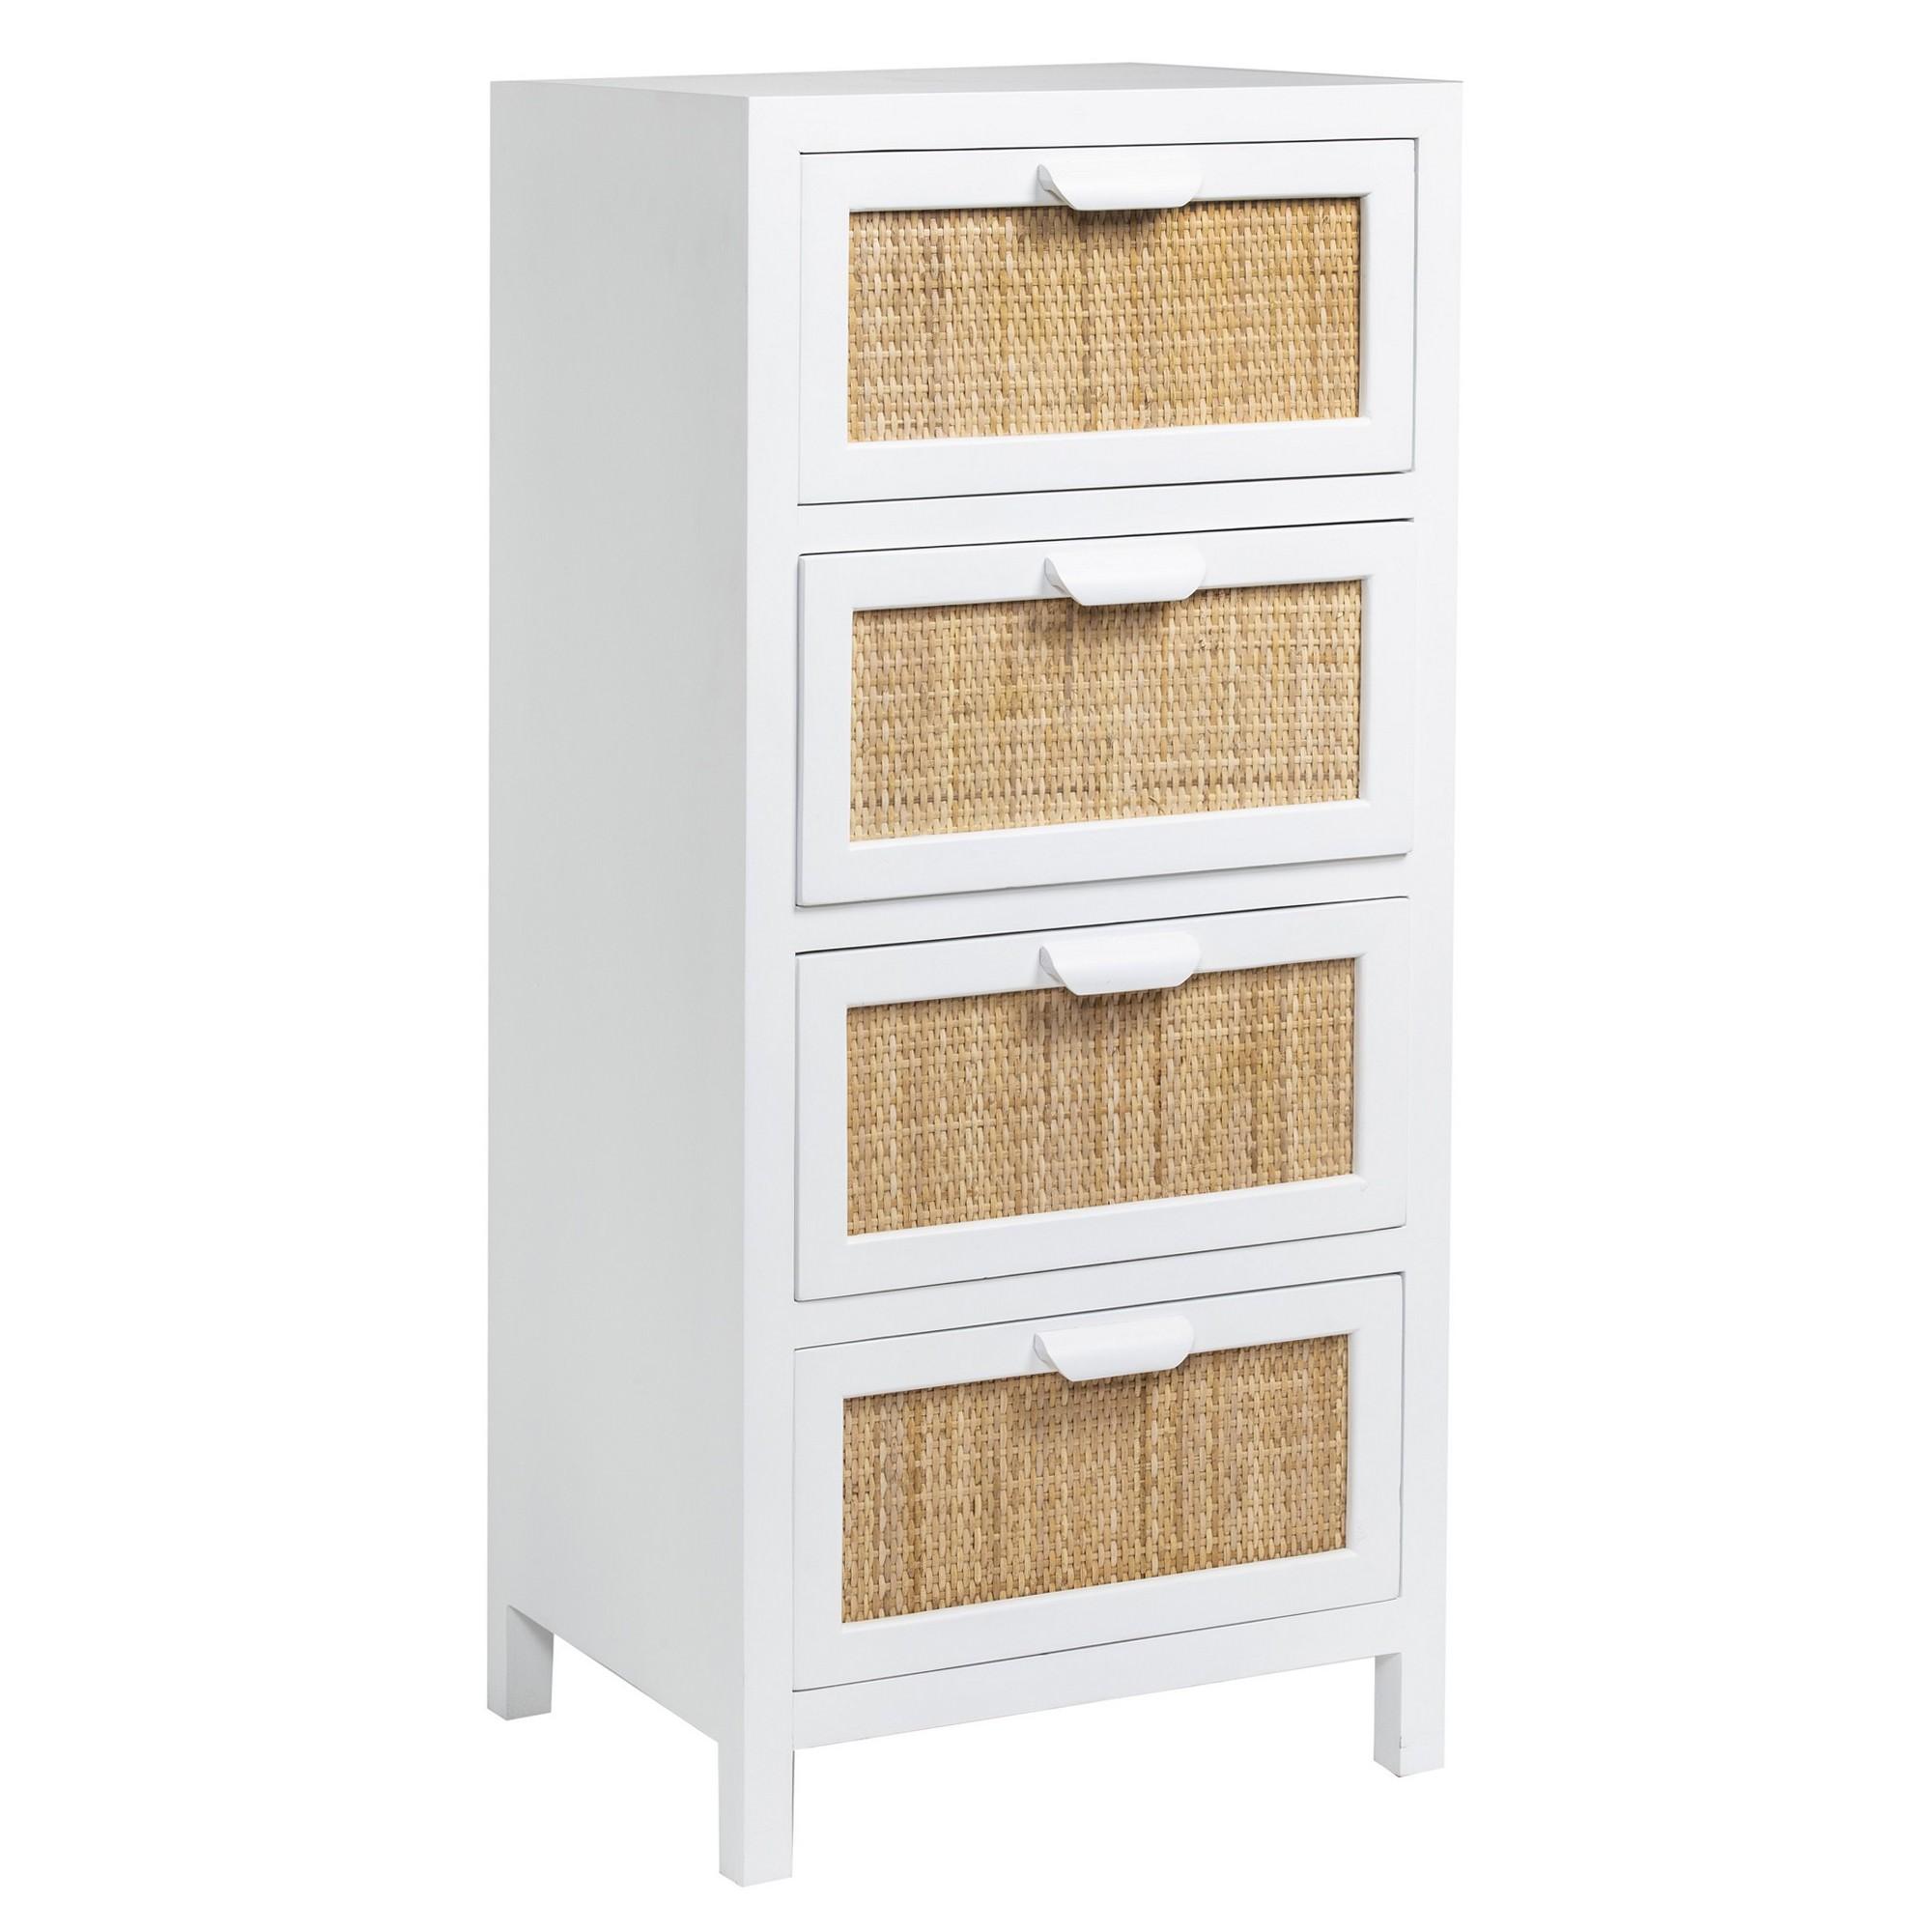 Millen Handmade Wooden 4 Drawer Storage Chest